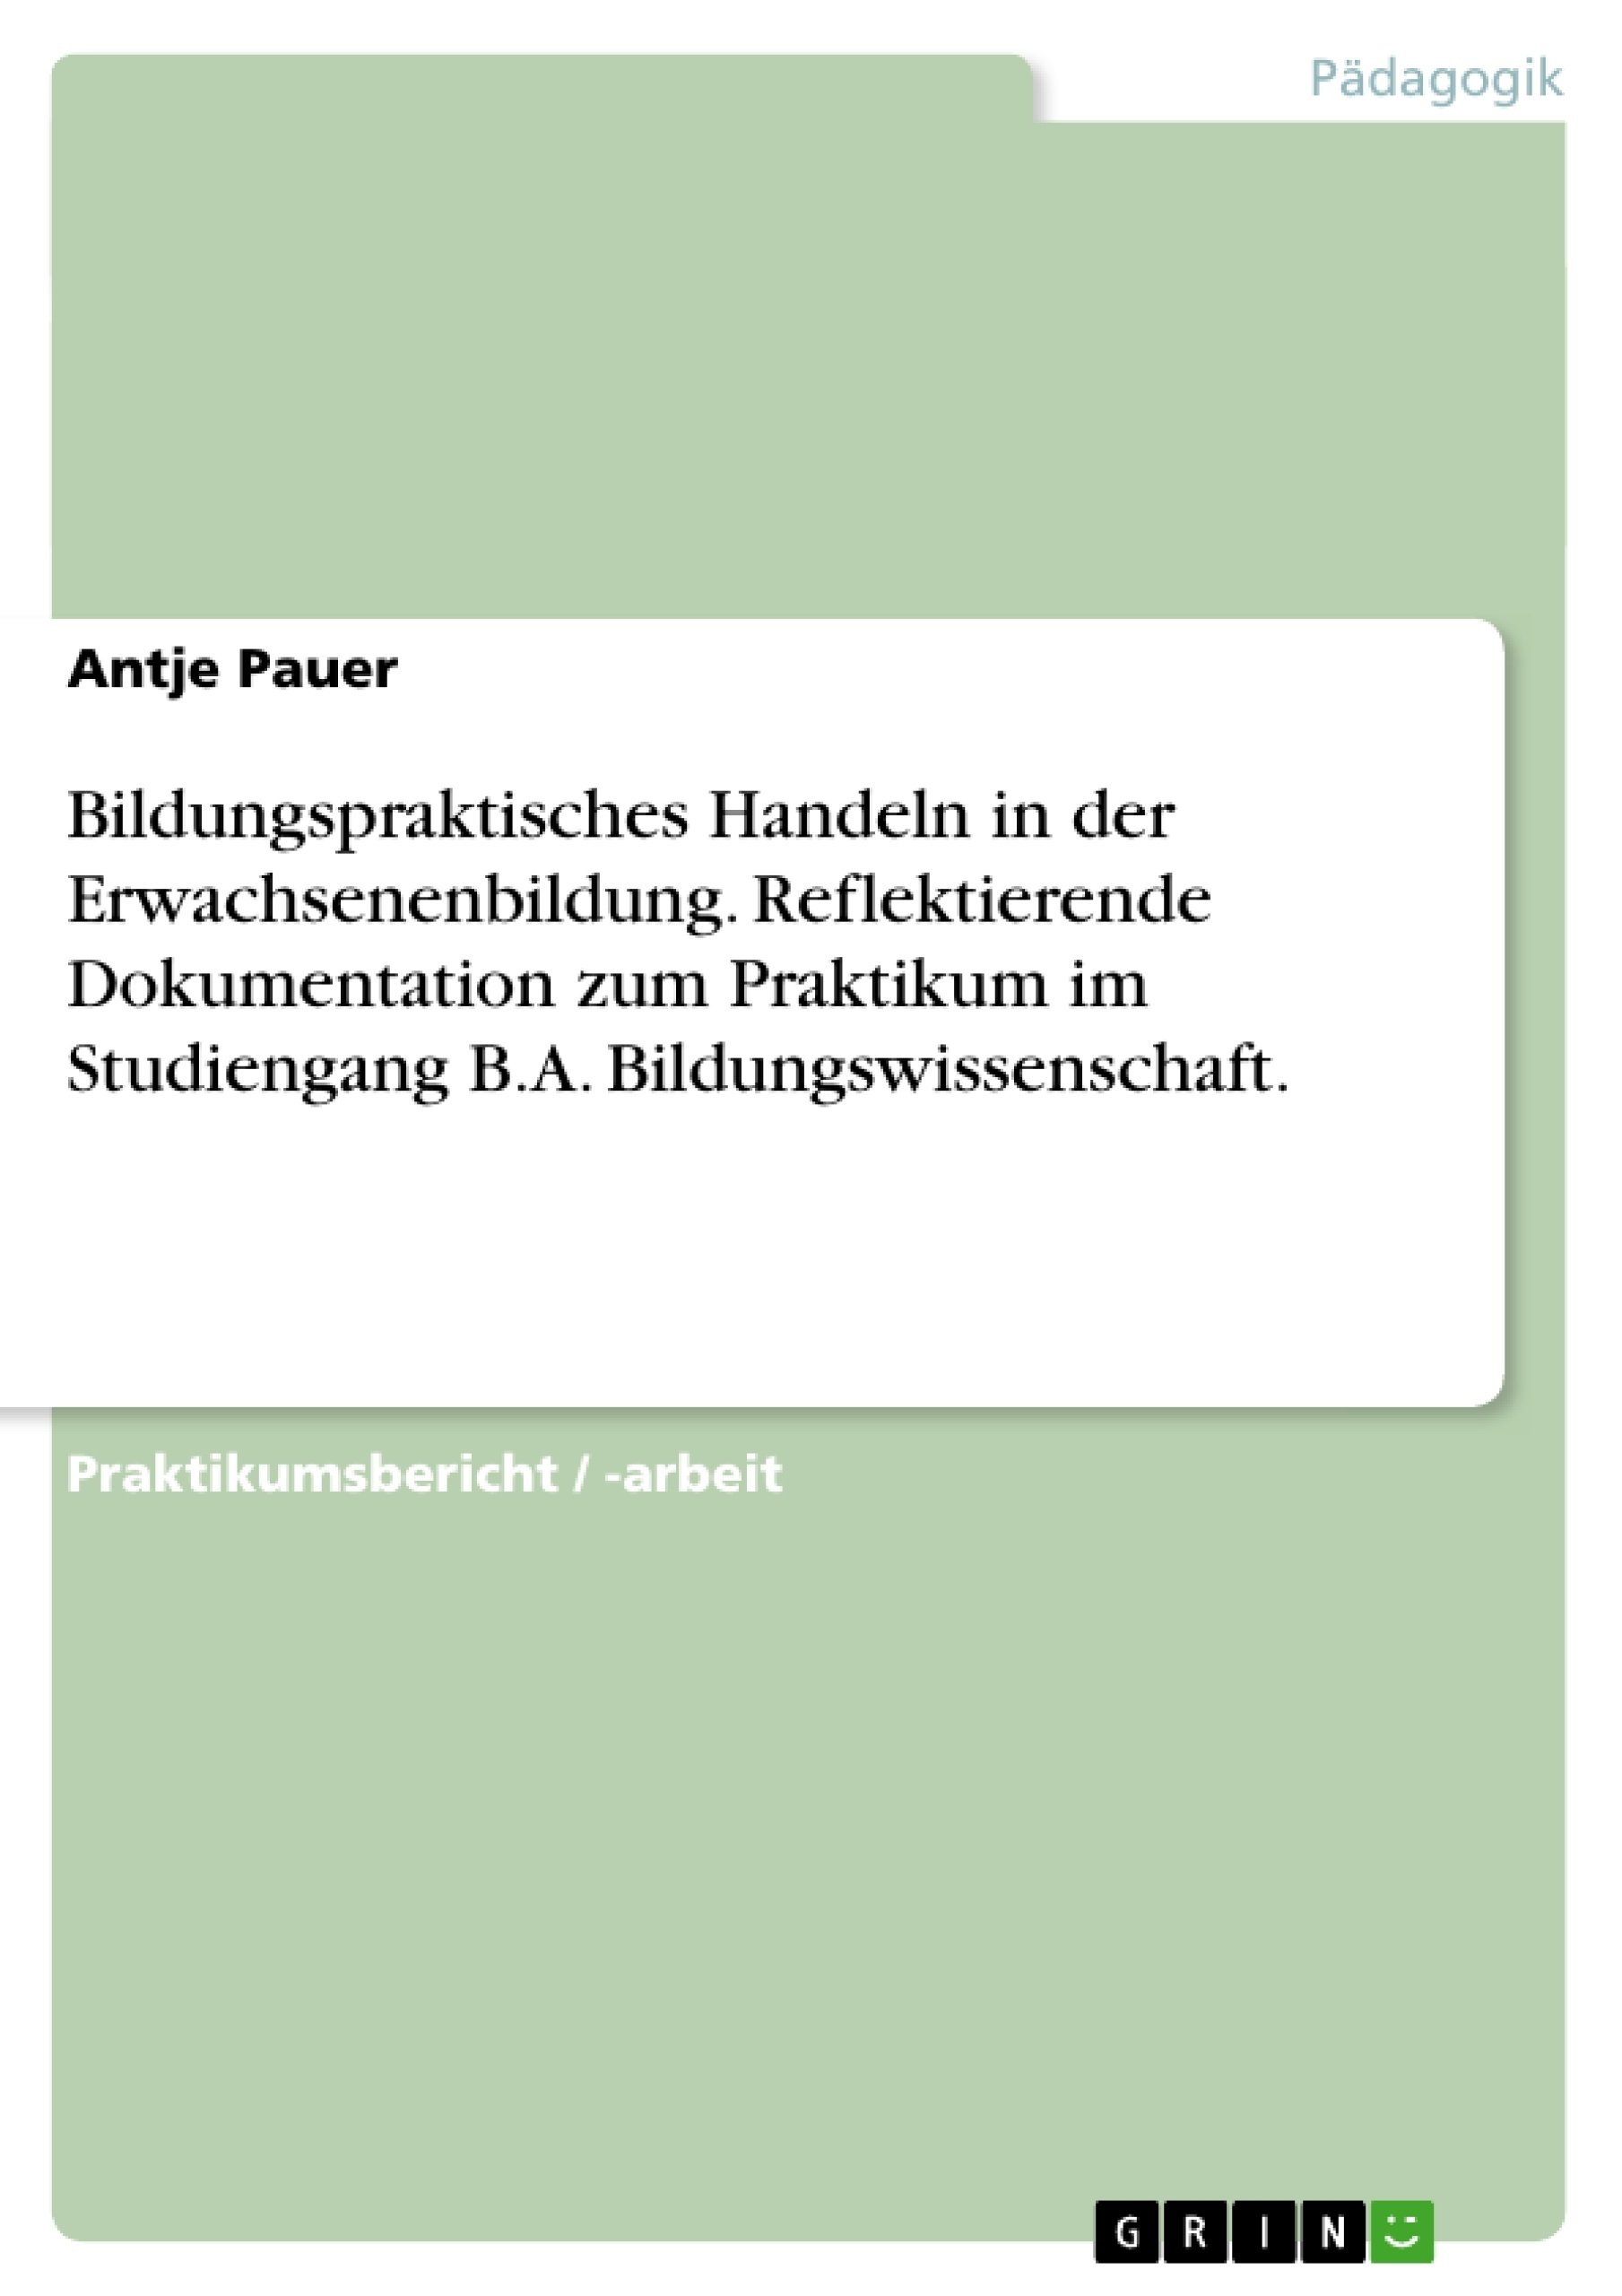 Titel: Bildungspraktisches Handeln in der Erwachsenenbildung. Reflektierende Dokumentation zum Praktikum im Studiengang B.A. Bildungswissenschaft.